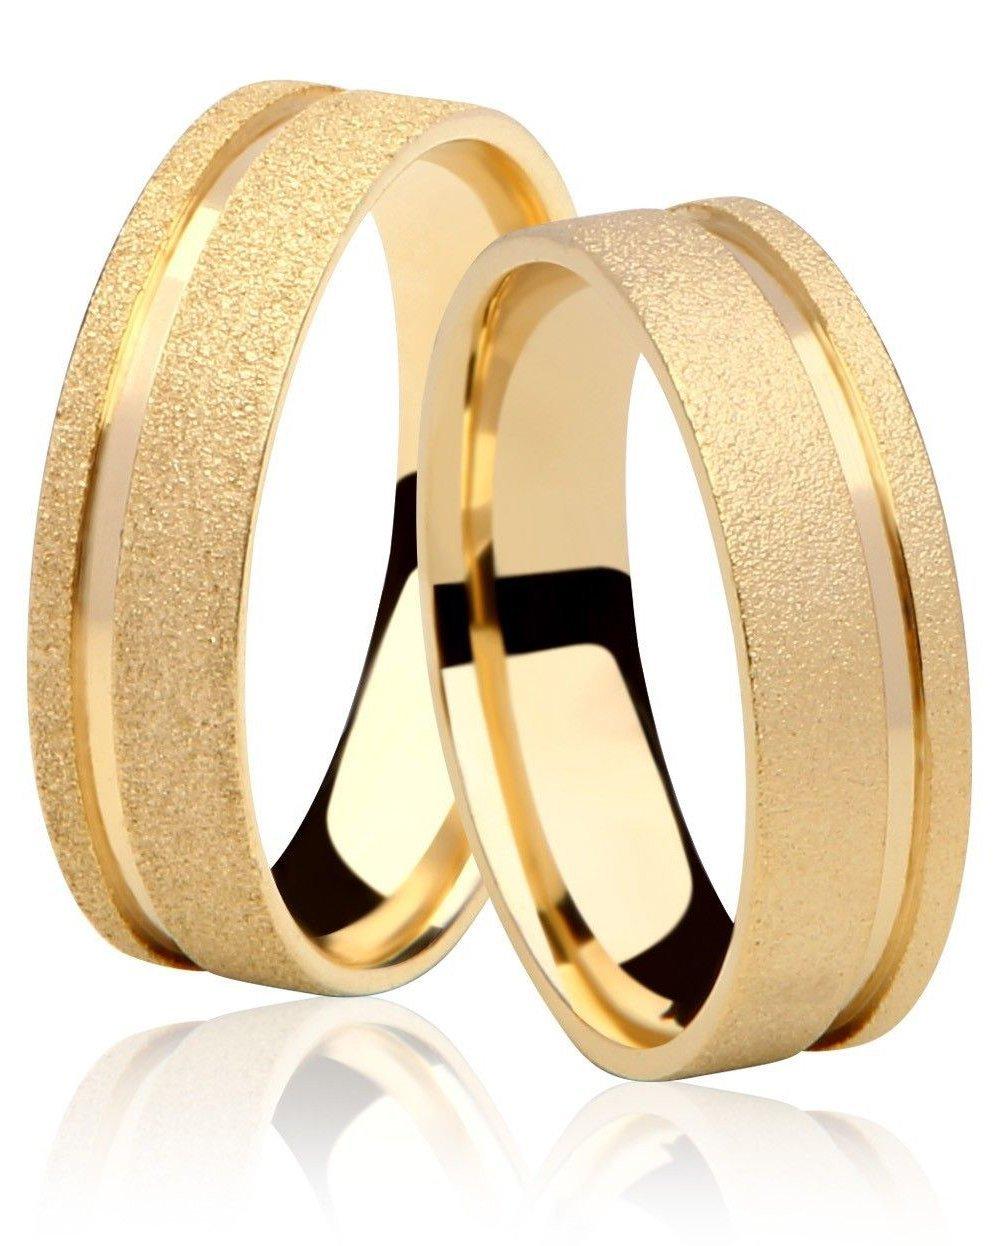 Aliança de Casamento Emotion V Ouro 18k Diamantada e Friso Polido - Unitária (5mm)